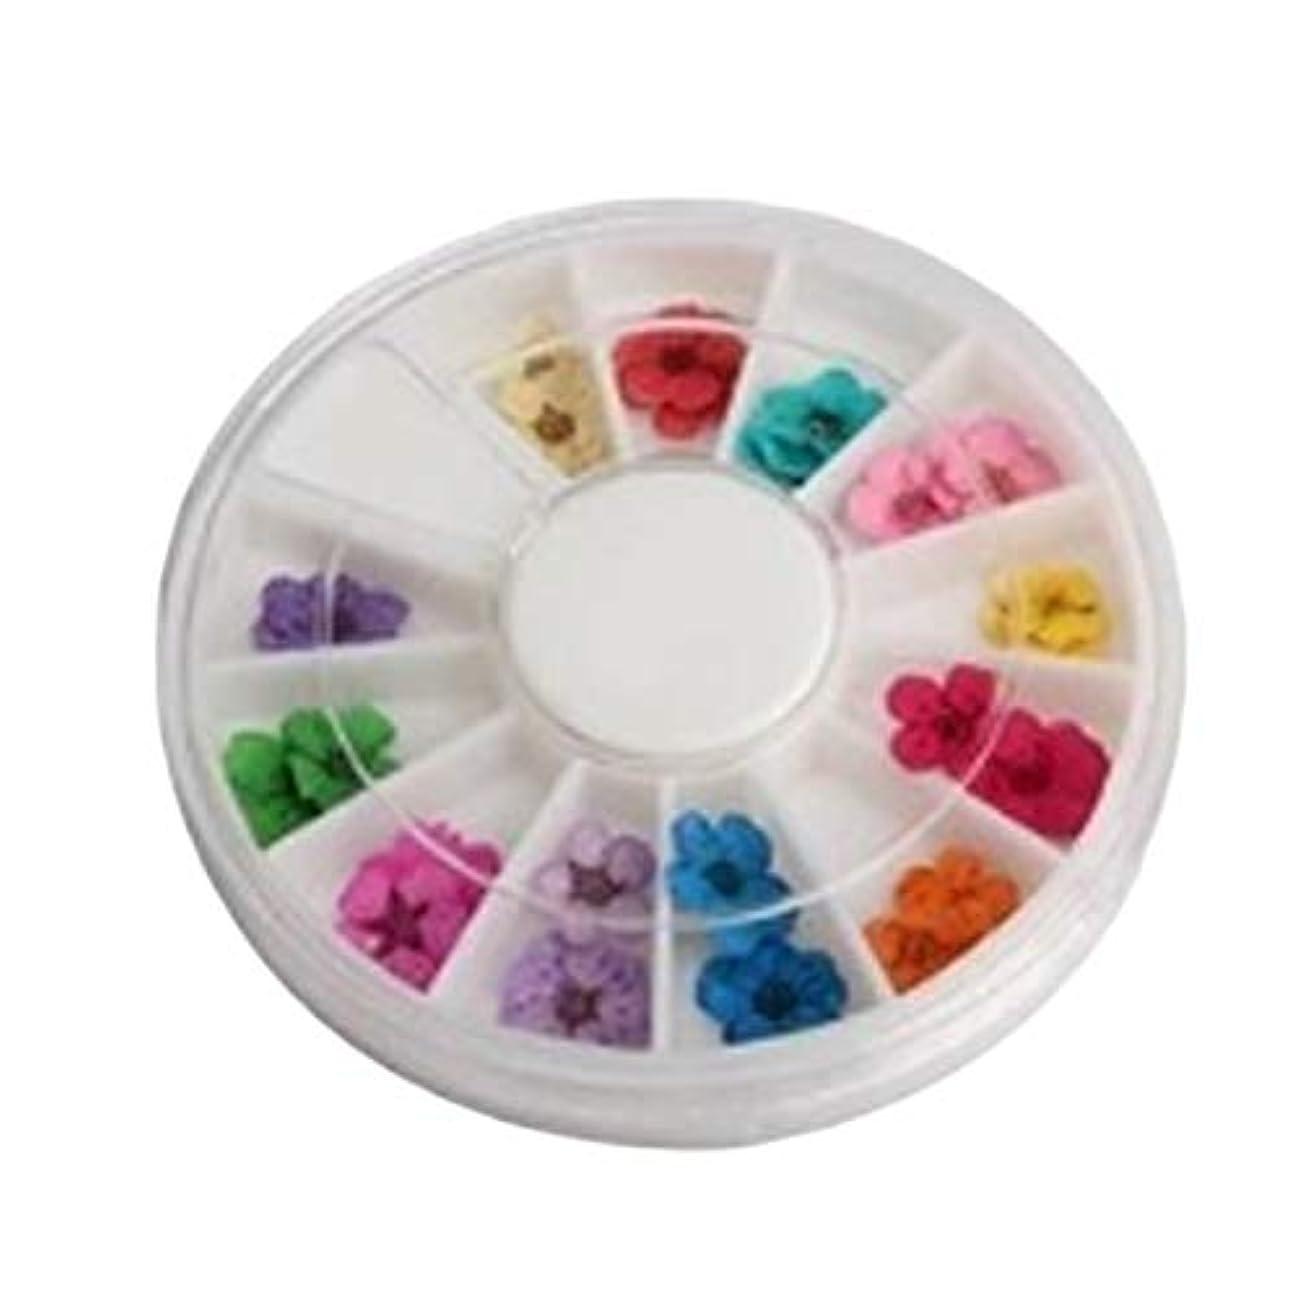 行動に応じて補うYoshilimen 最高品質ホイール36アクリルアクリル装飾トレンディDIYの花高品質アート乾燥爪(None Picture color)